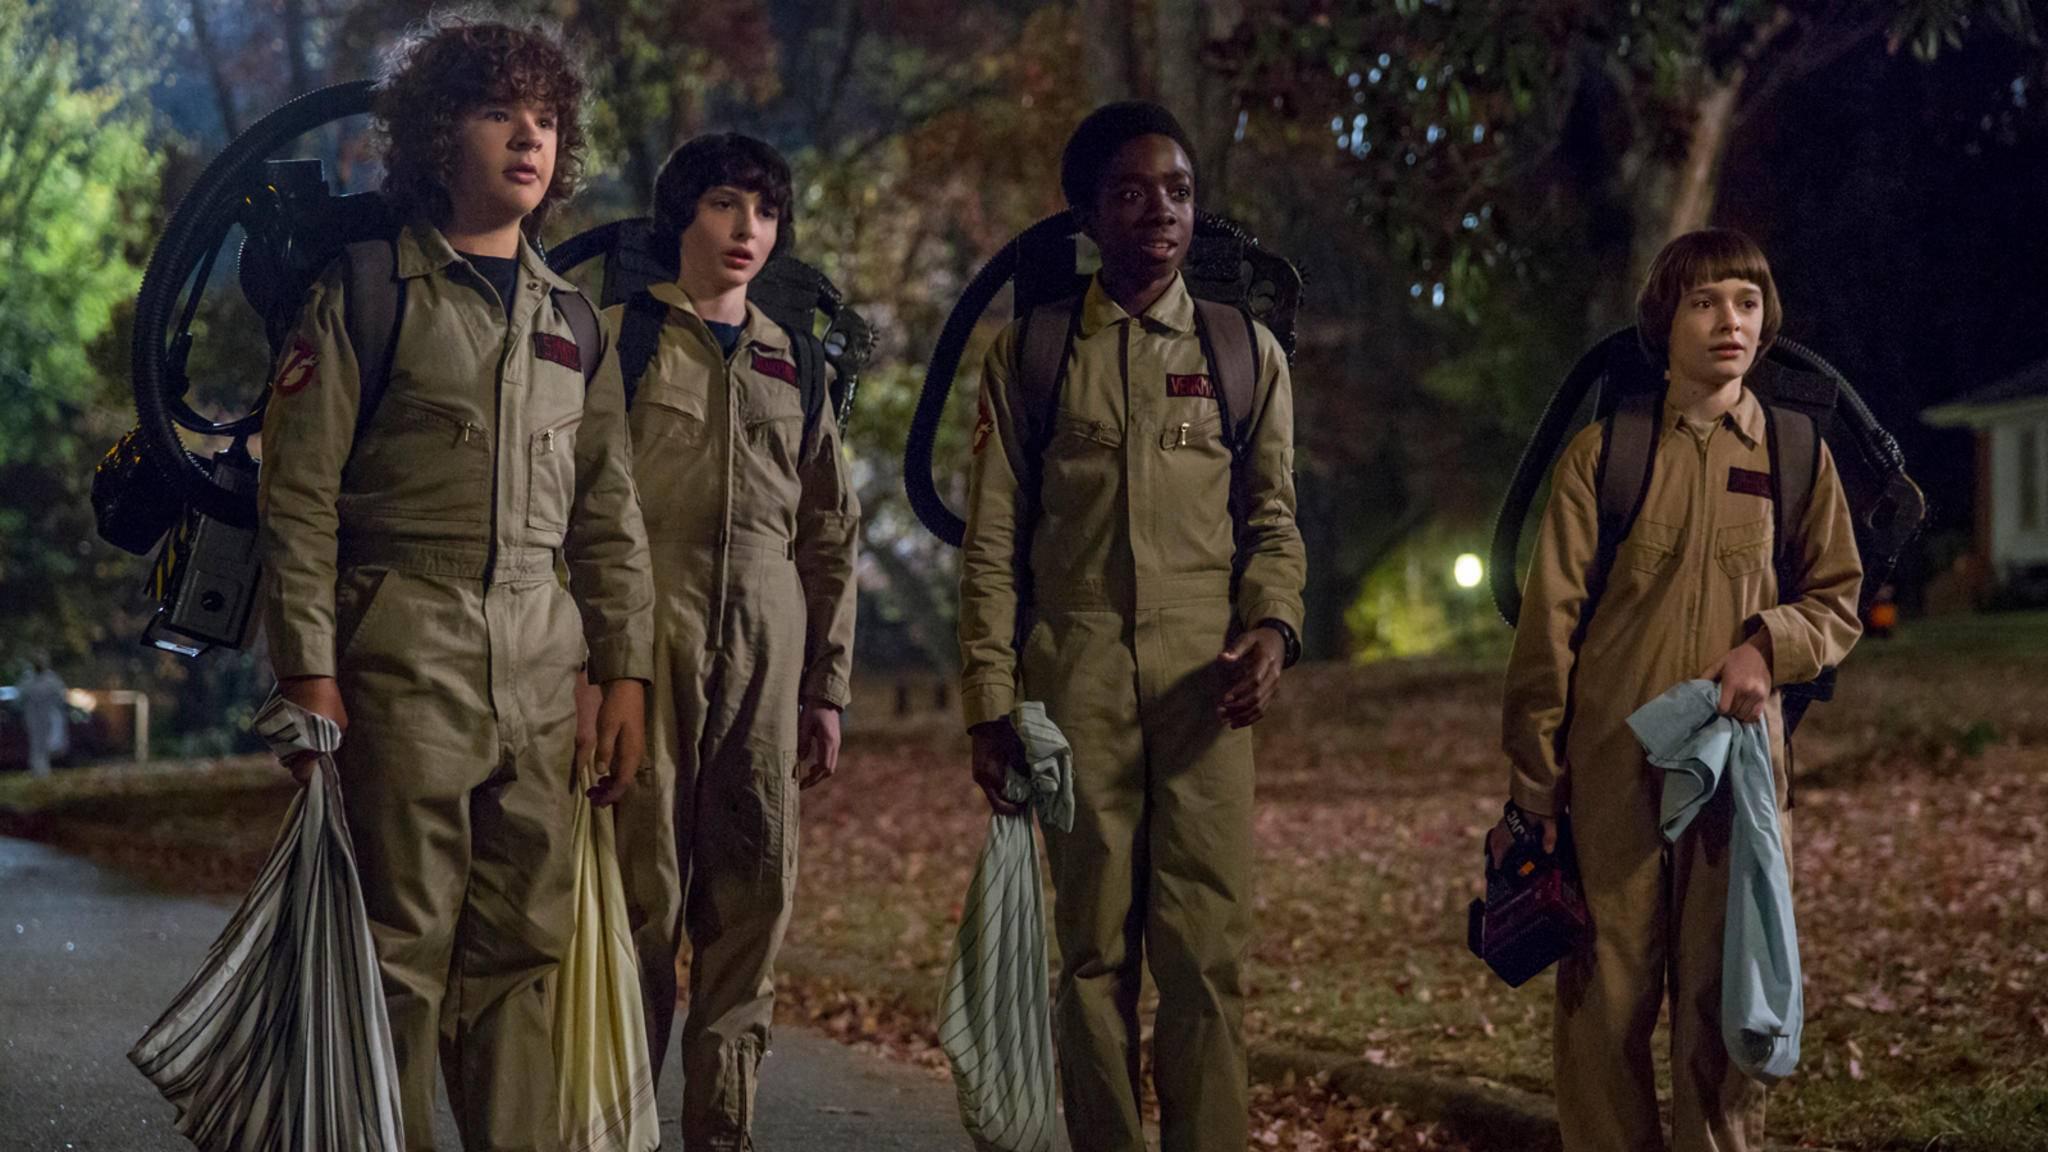 """Staffel 3 von """"Stranger Things"""" ist in Arbeit – ob die Wartezeit diesmal kürzer ausfällt?"""